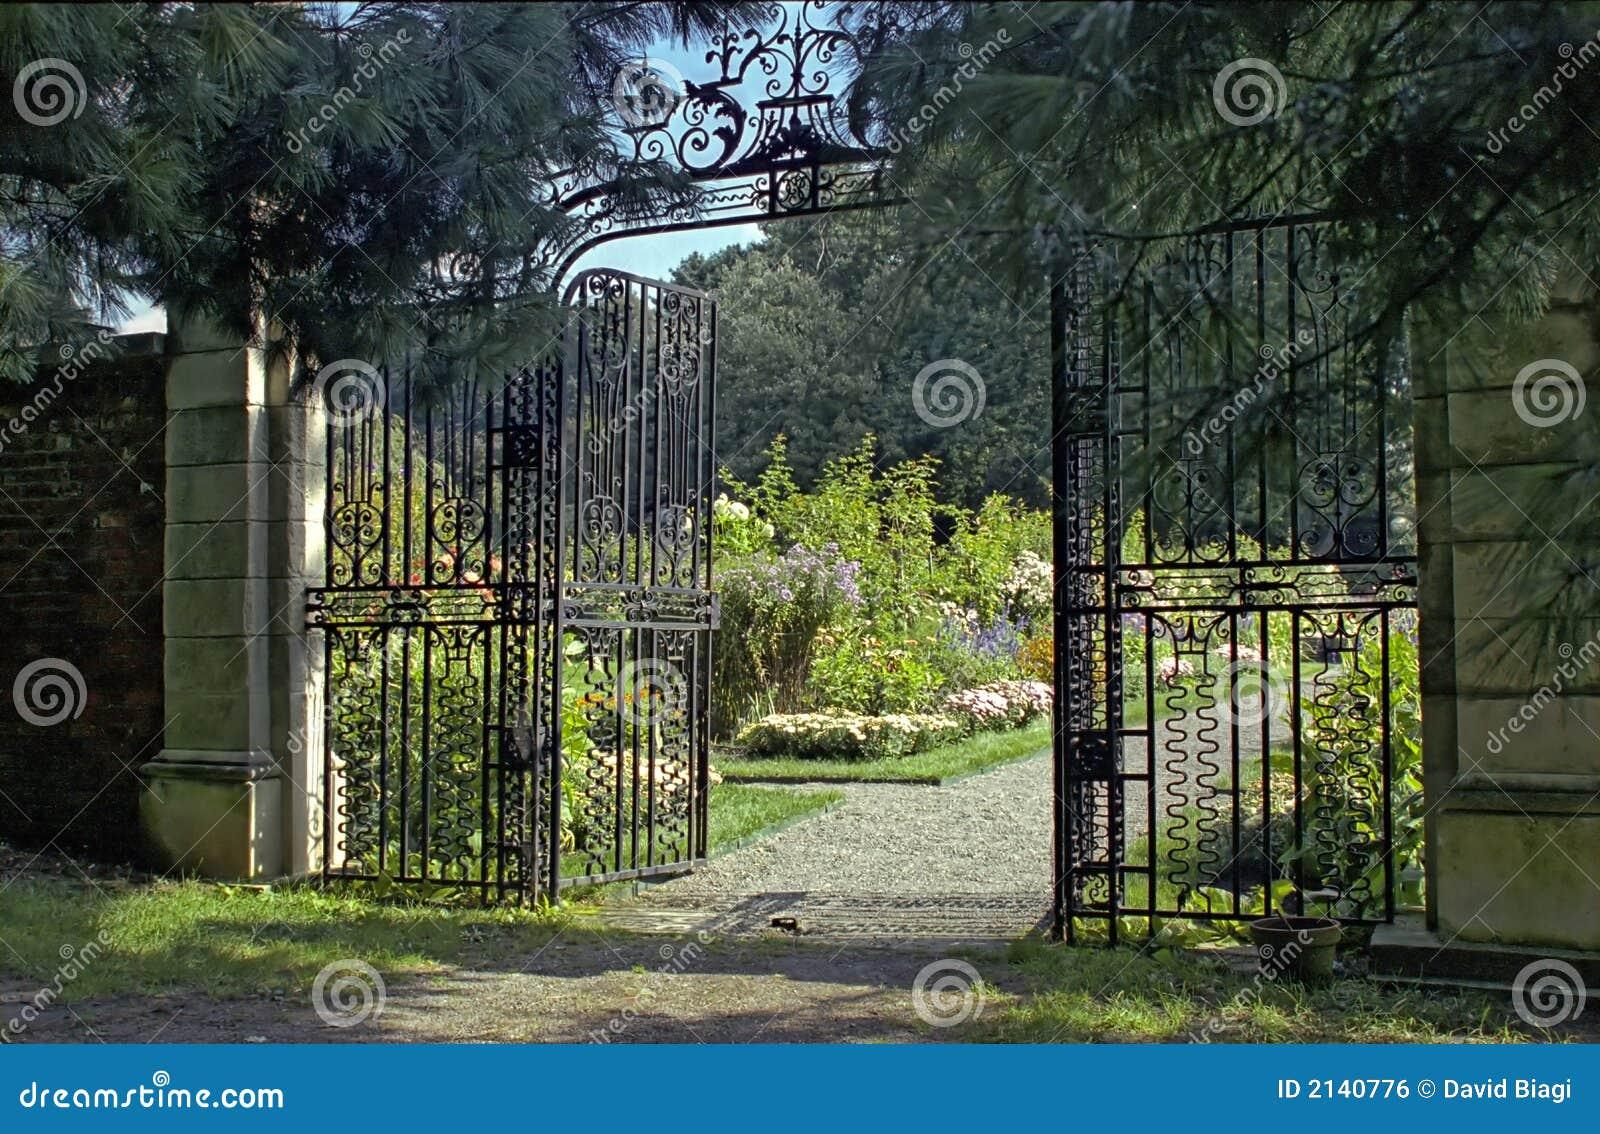 Cancelli di giardino immagine stock libera da diritti for Cancelli da giardino